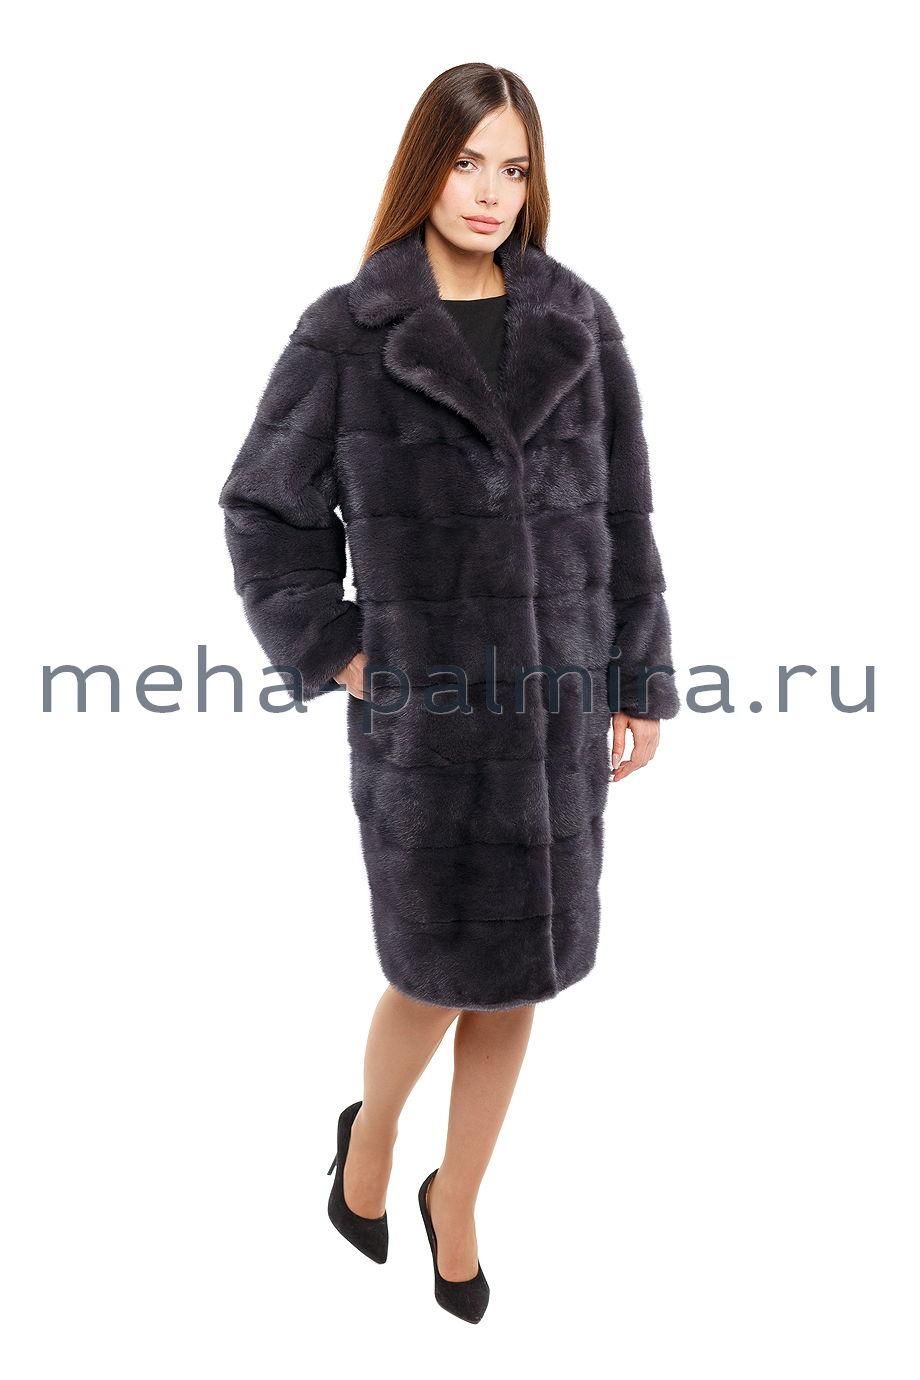 Норковая пальто баллон с отложным воротником